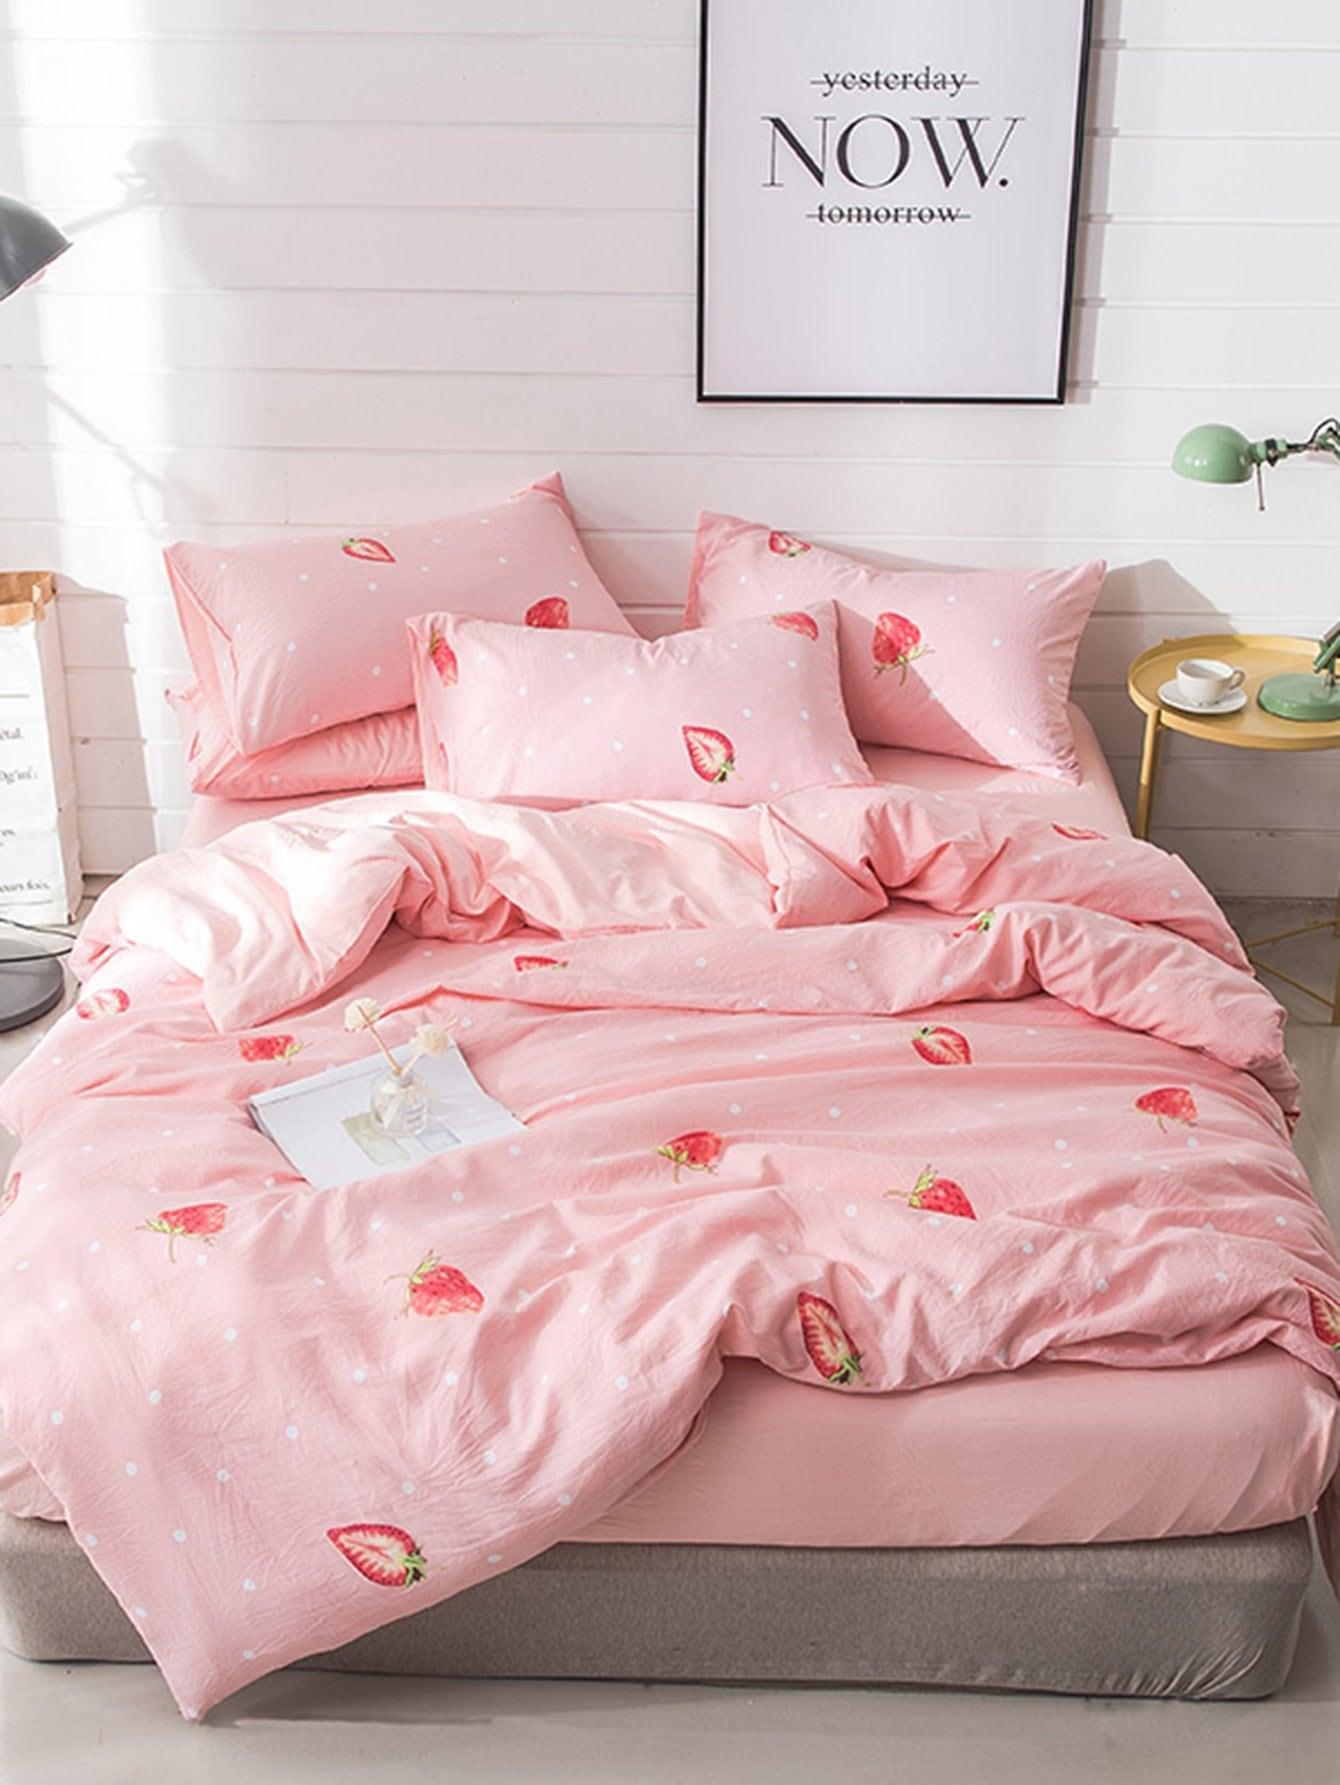 Купить Комплект для кровати с принтом в горошек и клубники, null, SheIn